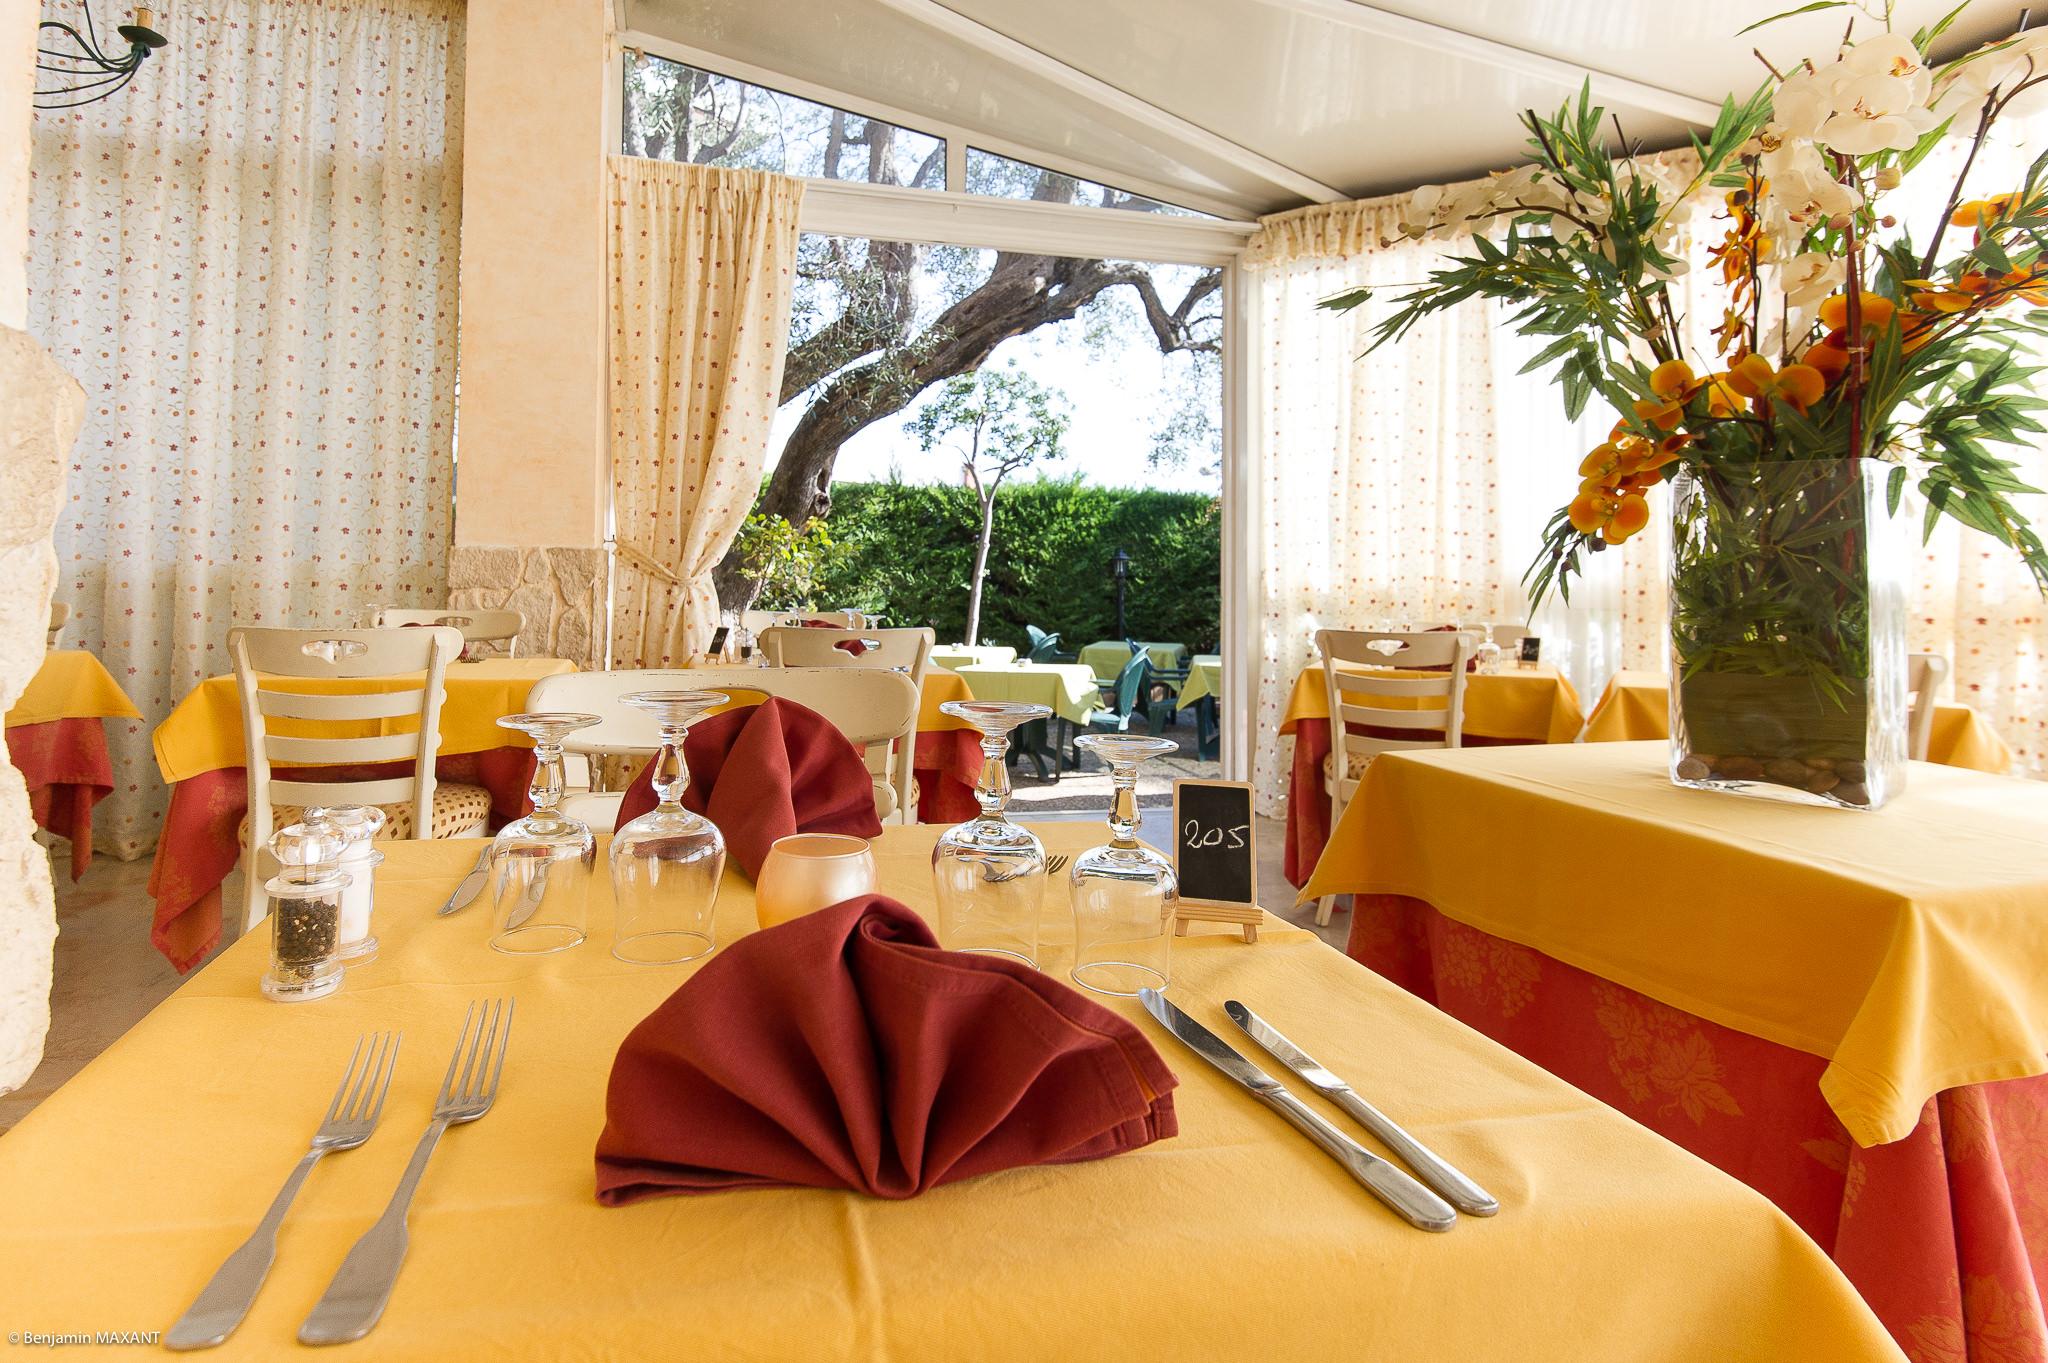 Reportage photo immobilier - Hotel Les orangers à Cannes - salle à manger